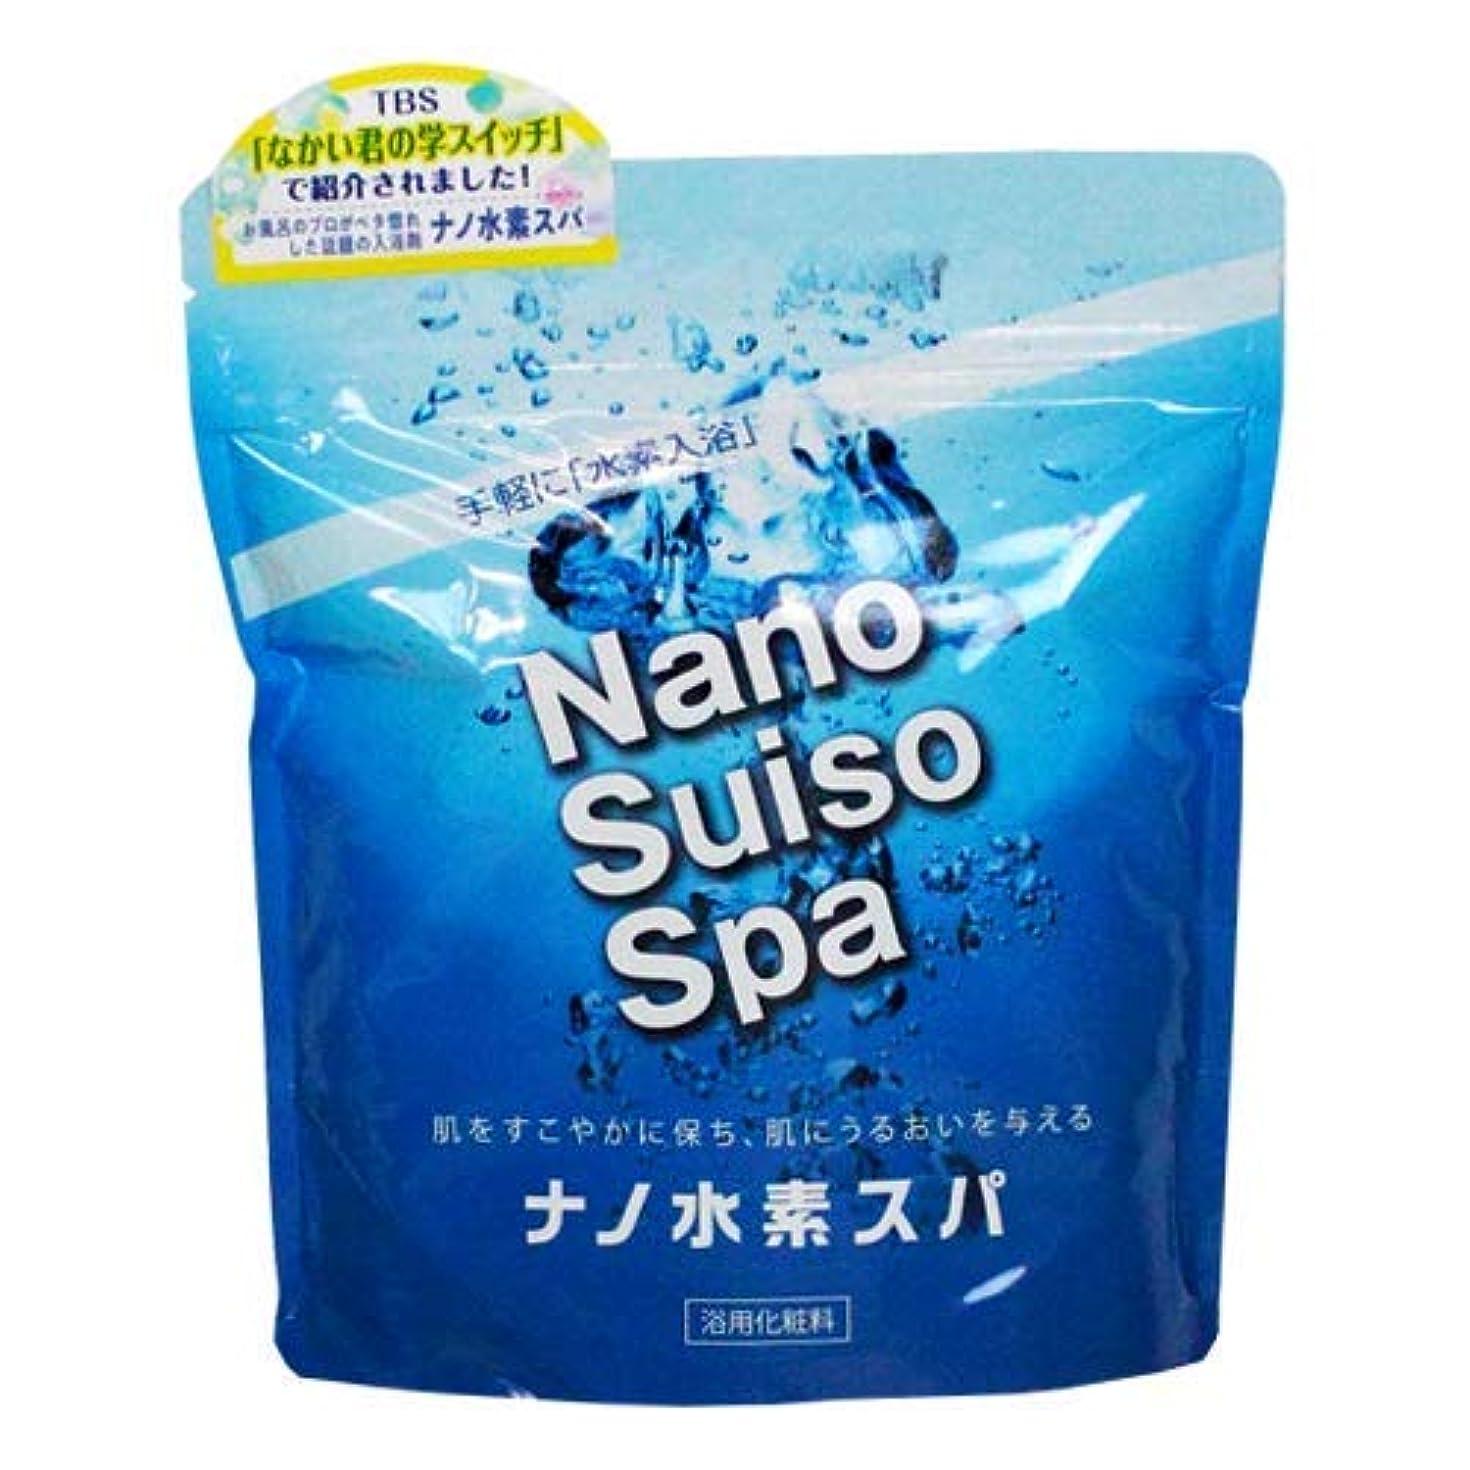 壊滅的な共感する作家ナノ水素スパ1000g 高濃度水素発生入浴用